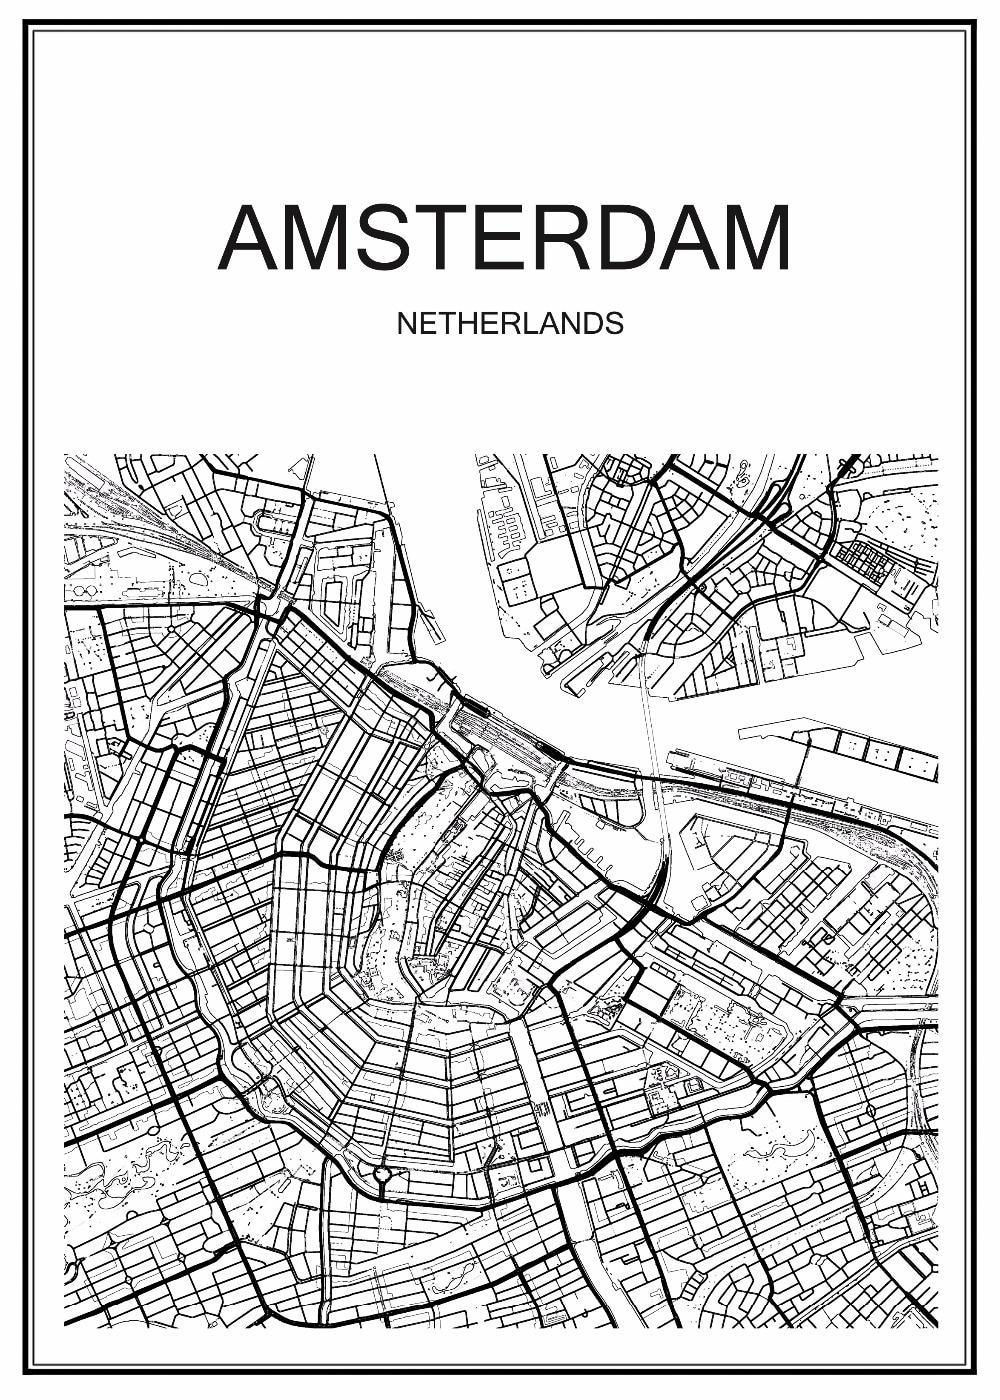 Venta Caliente Blanco Mapa De La Ciudad Amsterdam Kraft Papel Retro Vintage Cartel Poster Inicio